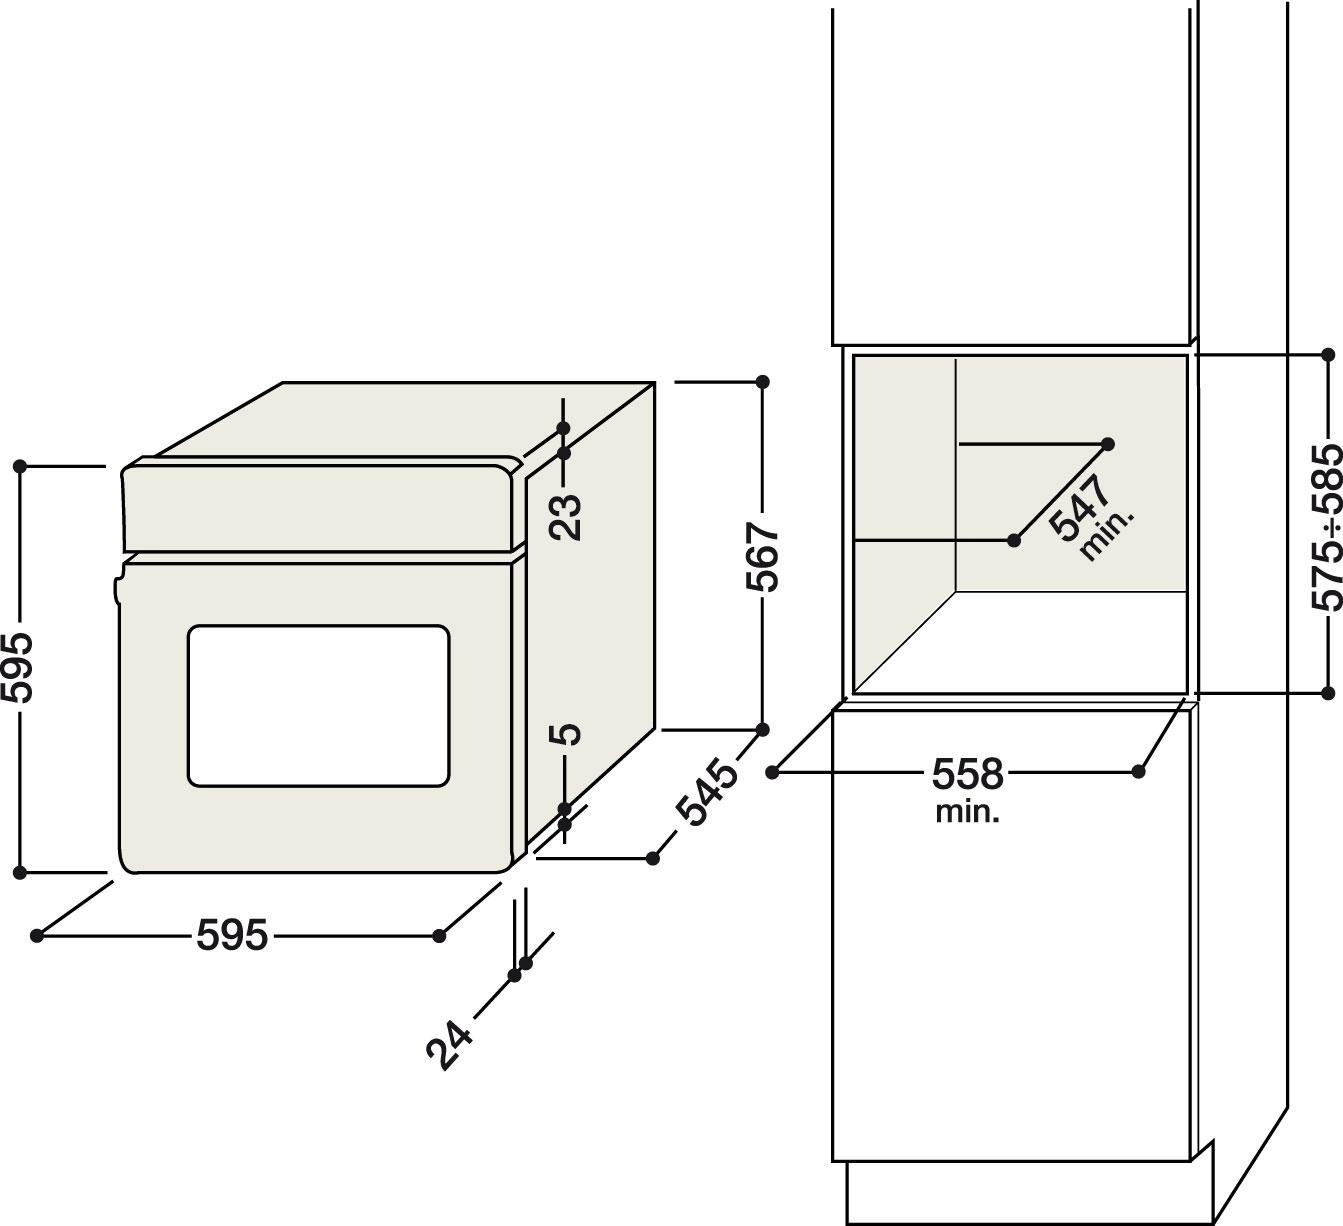 Schema Elettrico Piastra Per Capelli Ghd : Schema elettrico forno da incasso fare di una mosca